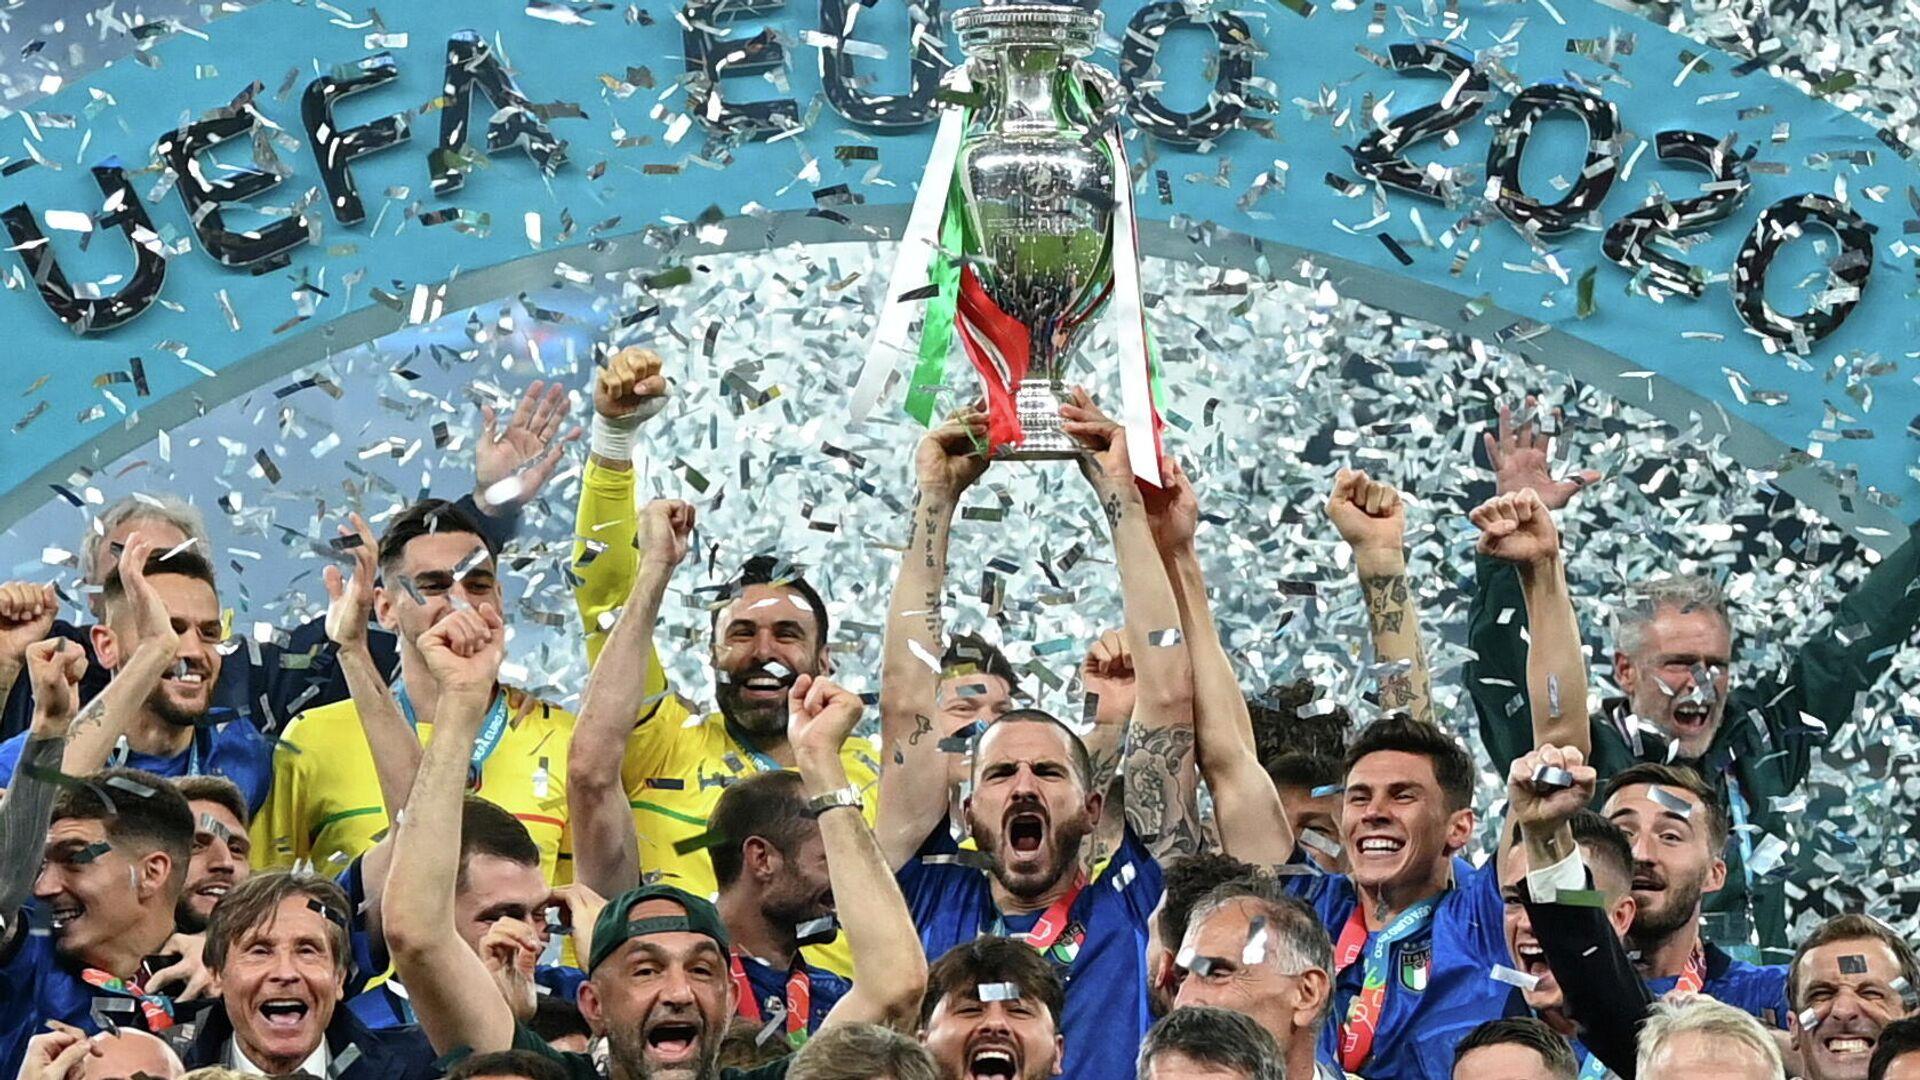 Сборная Италии стала двукратным чемпионом Европы по футболу - Sputnik Латвия, 1920, 12.07.2021